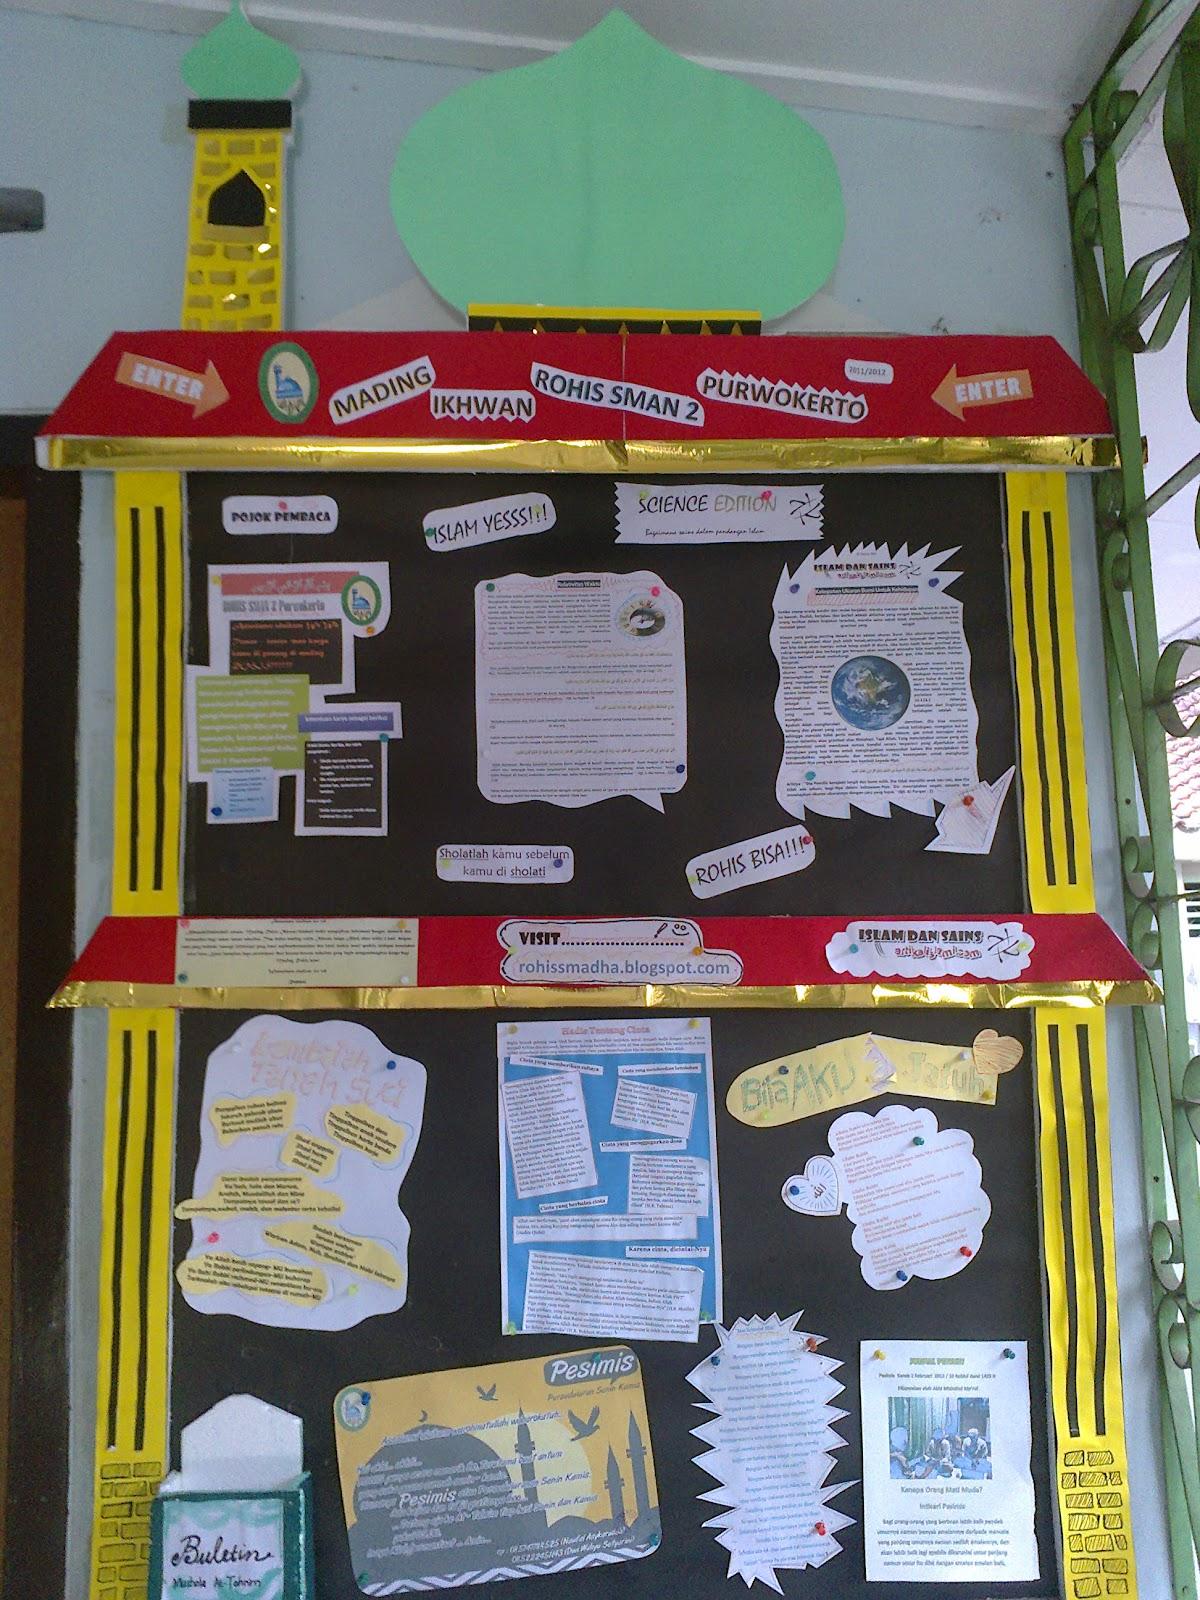 Contoh Proposal Bahasa Indonesia Tentang Sastra Contoh Latihan Soal Un Bahasa Indonesia Sma Dan Smk Plus Contoh Teks Eksposisi Tentang Ekonomi Contohkui Tk Contoh Proposal